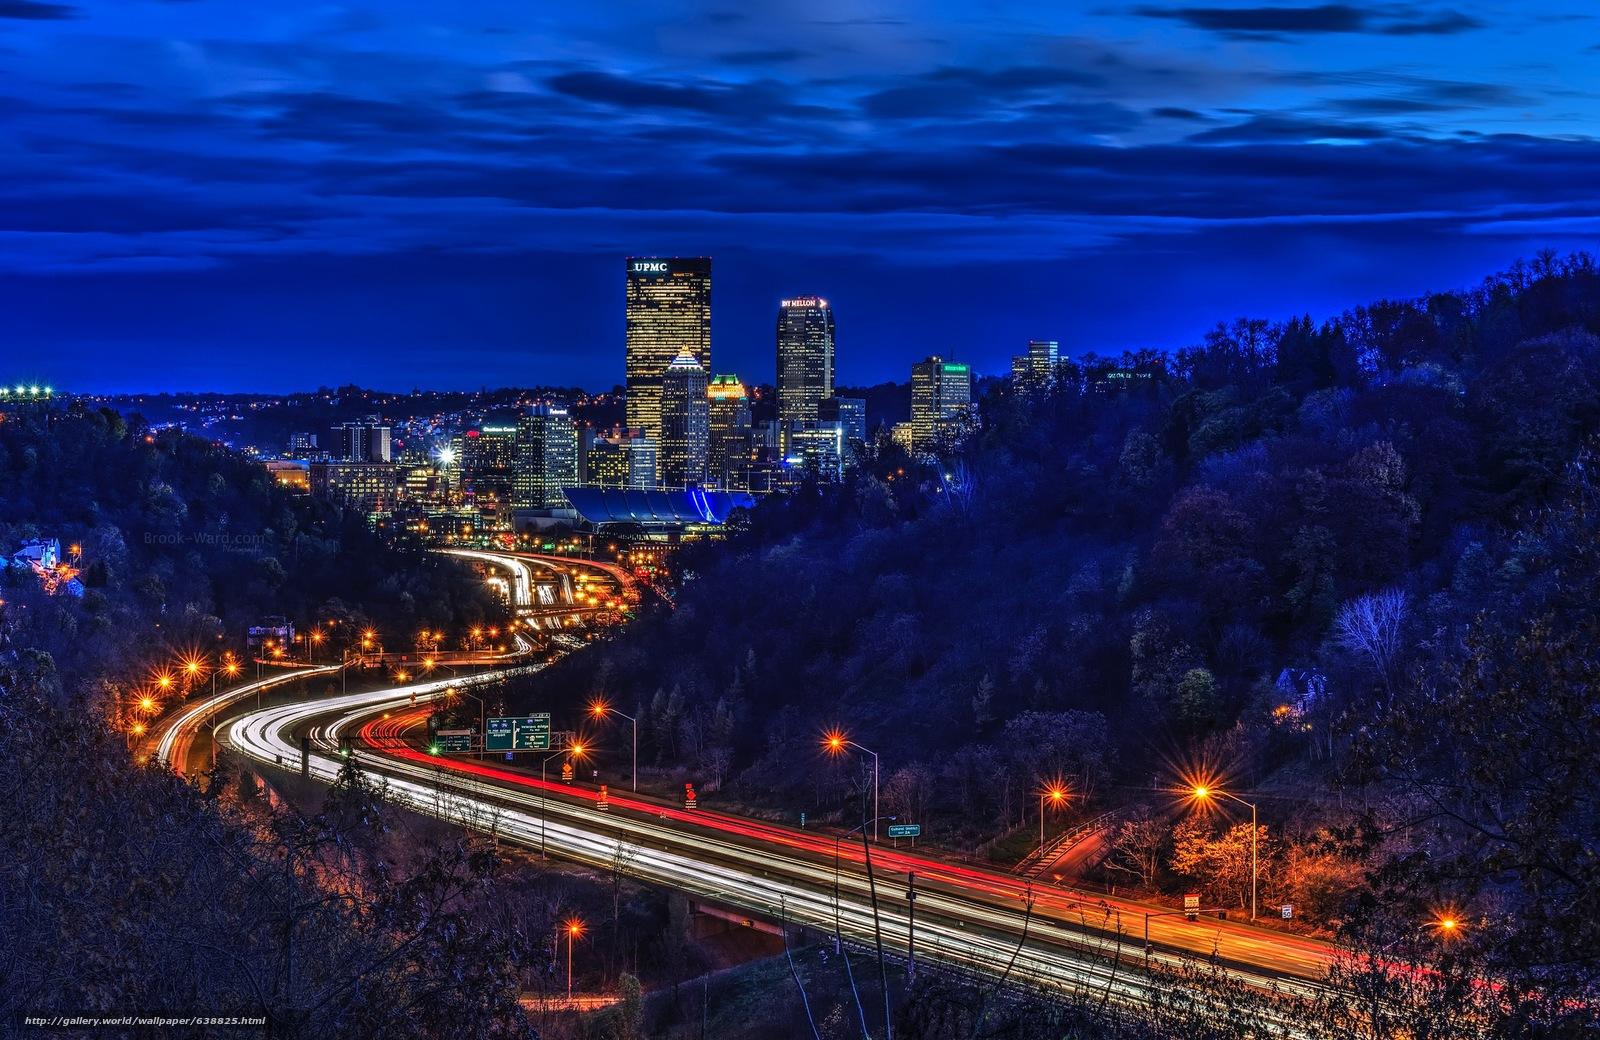 Скачать обои Pittsburgh,  Пенсильвания,  США бесплатно для рабочего стола в разрешении 2246x1460 — картинка №638825